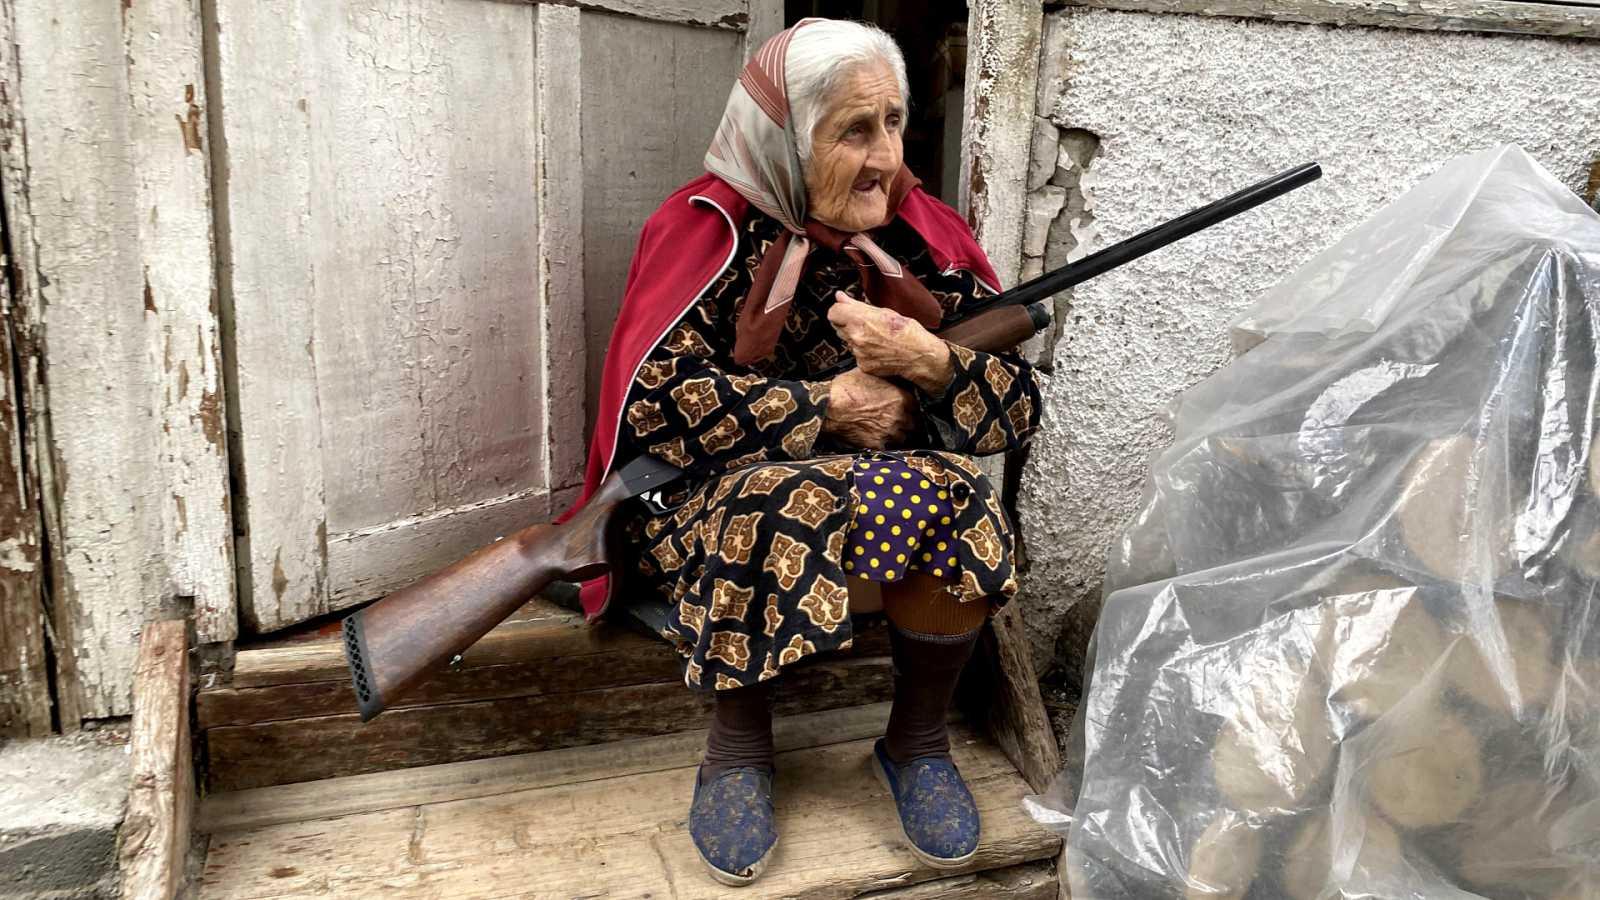 Cinco continentes - Nagorno-Karabaj: civiles atacados - Escuchar ahora